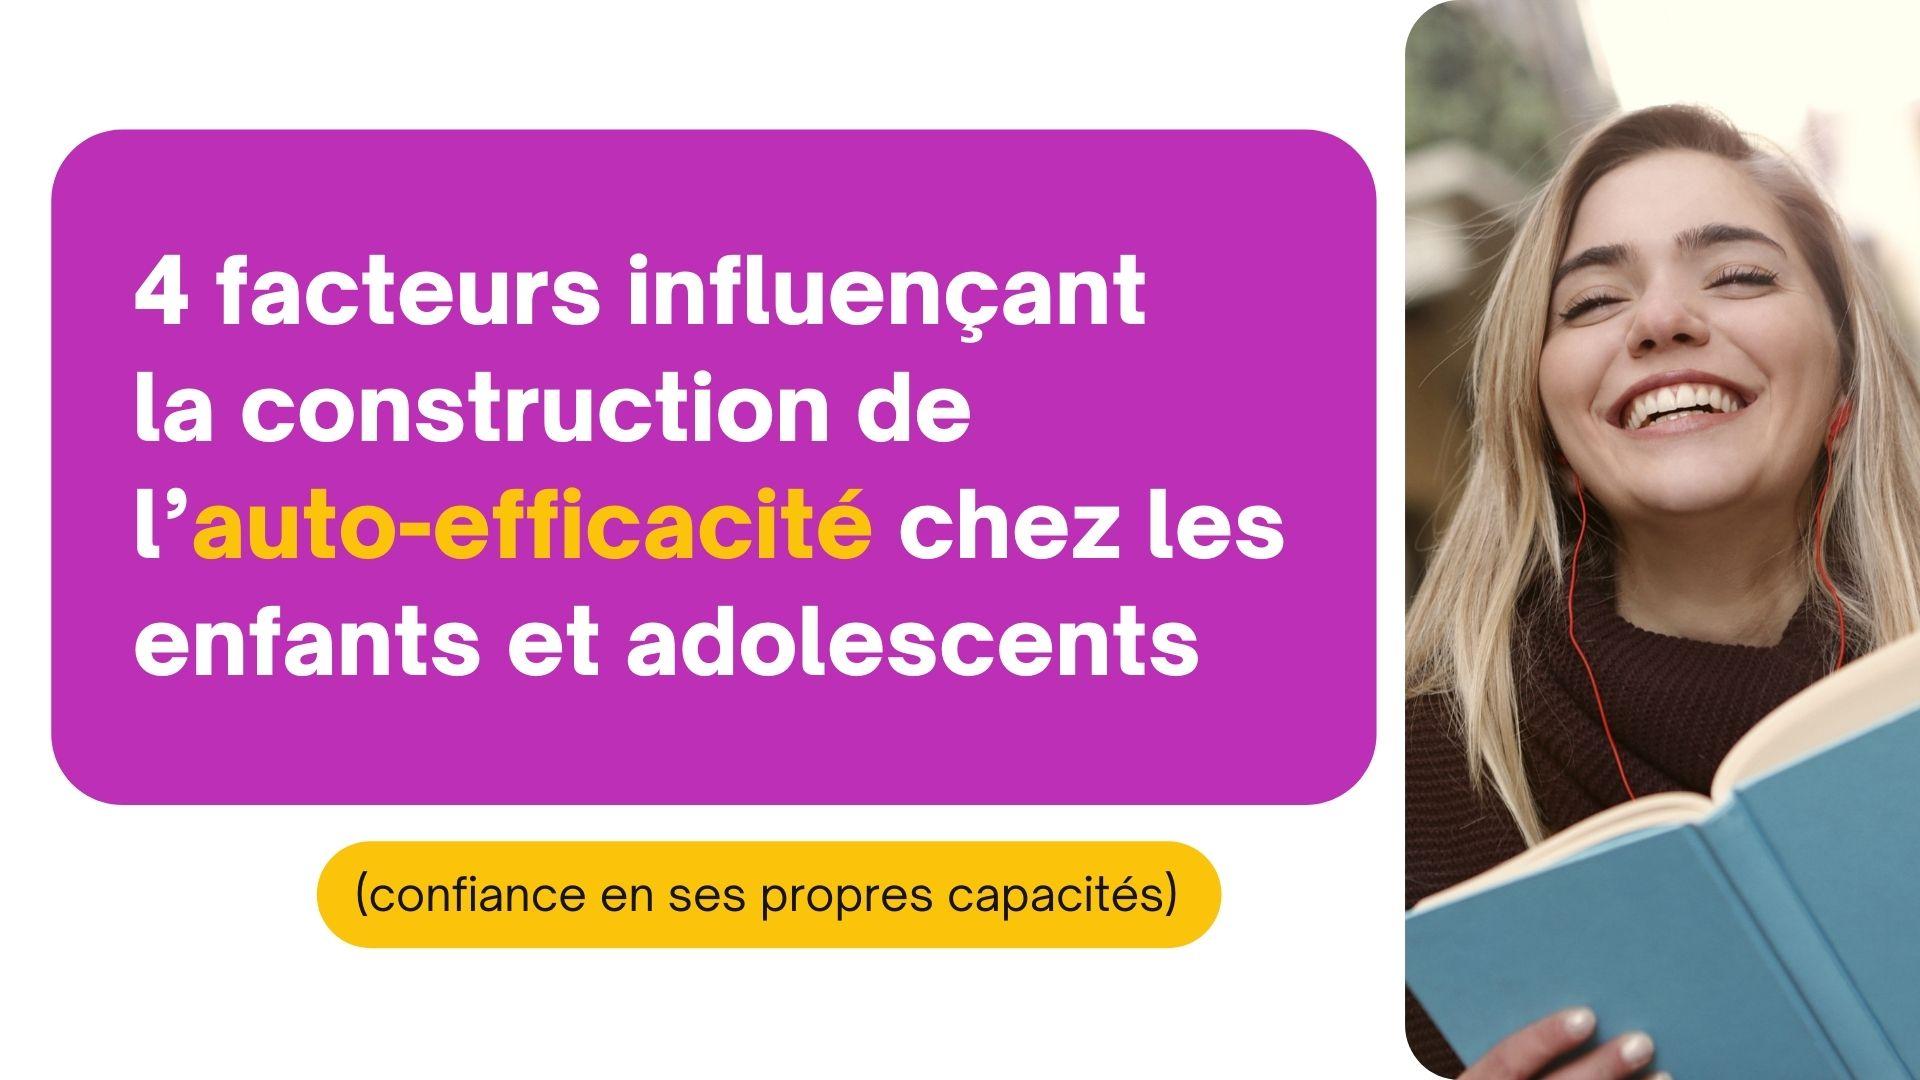 construction de l'auto-efficacité enfant adolescents